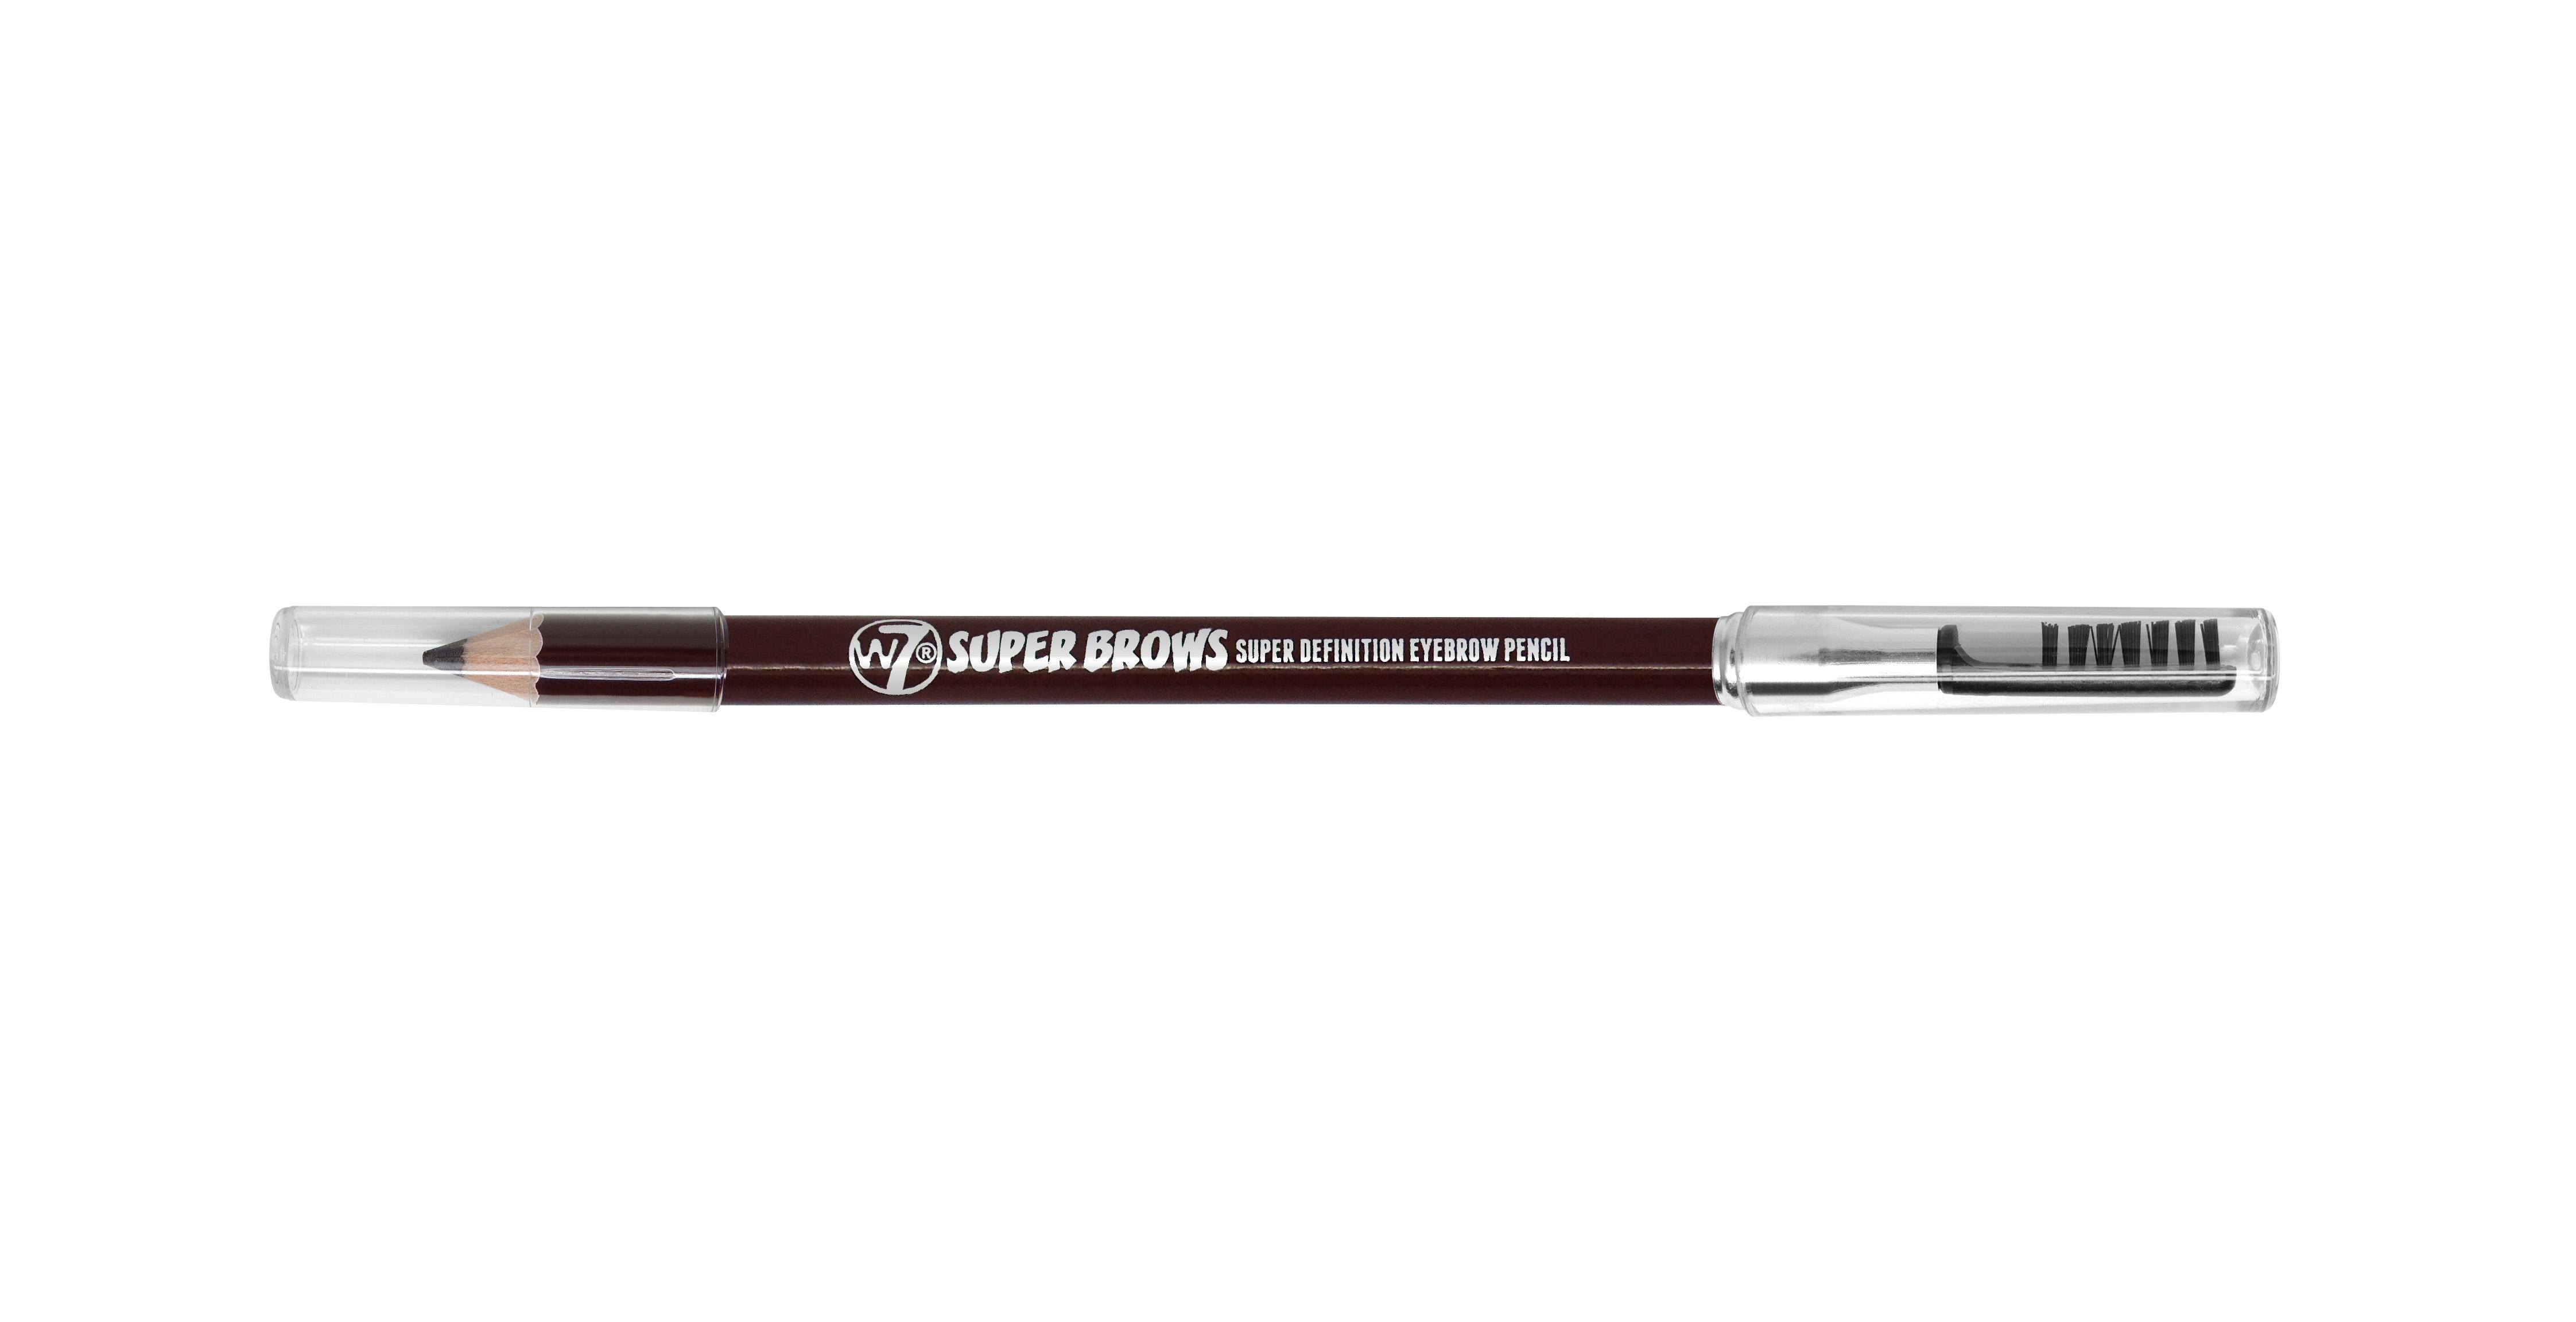 W7 Super Brows Wenkbrauw Potlood - Blonde [CLONE] [CLONE]